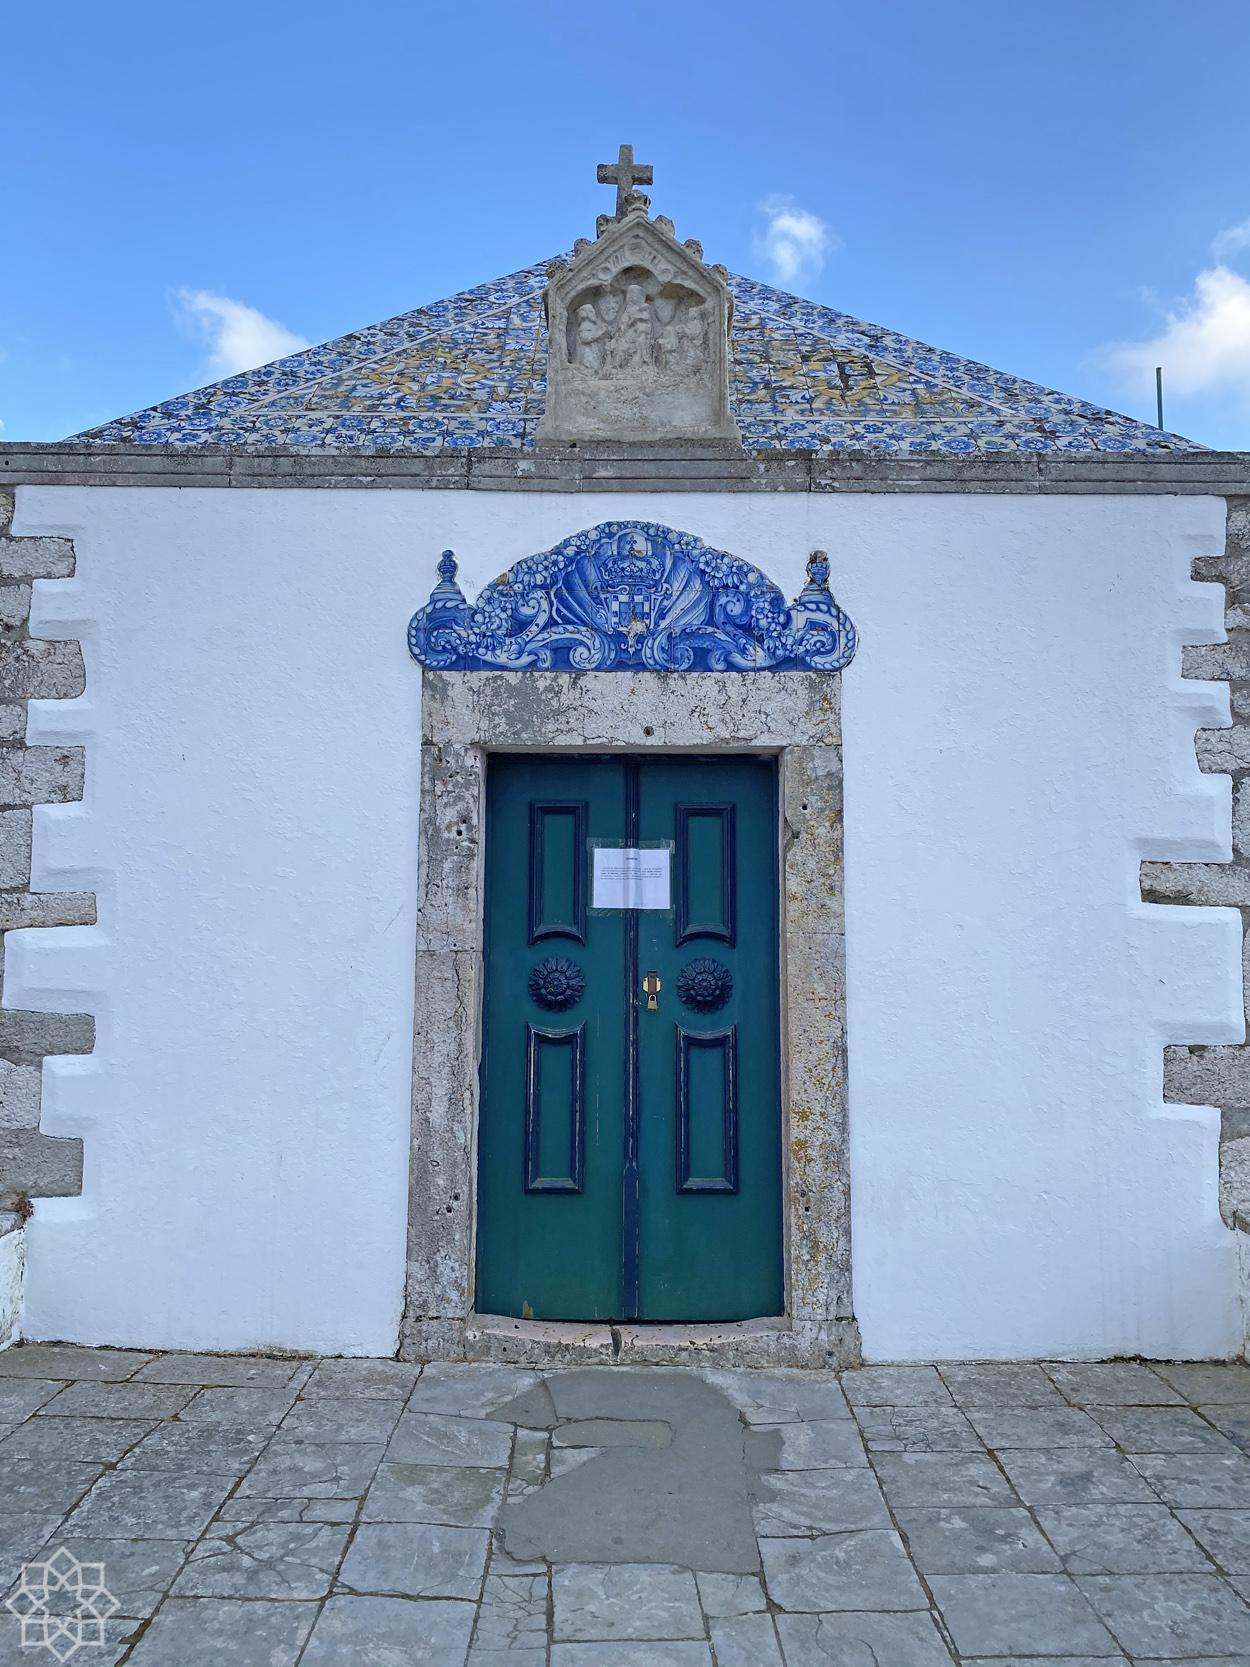 Kapellet Nossa Senhora da Nazaré har lapp på luckan